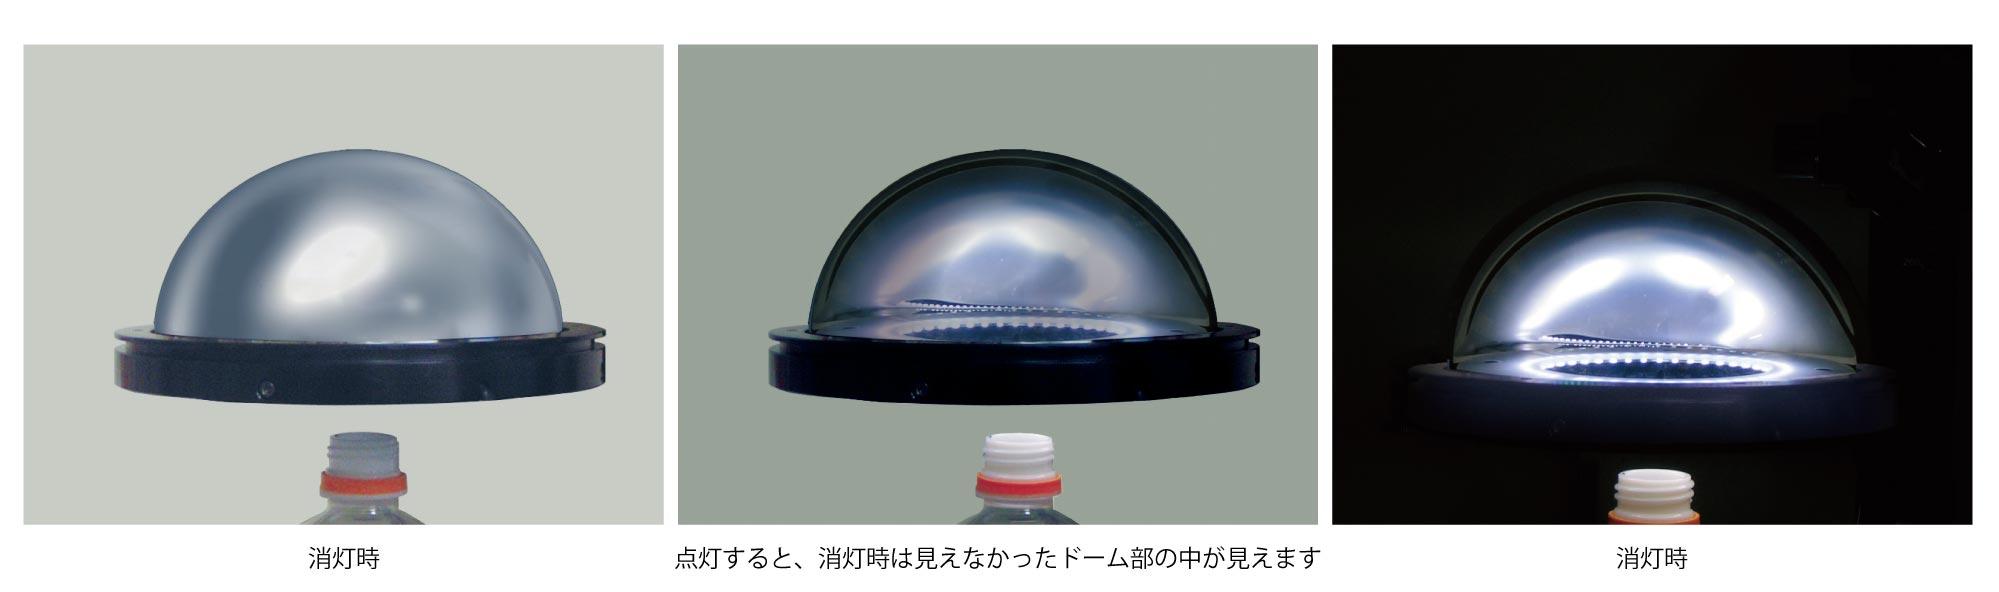 IMDH Product Description 02